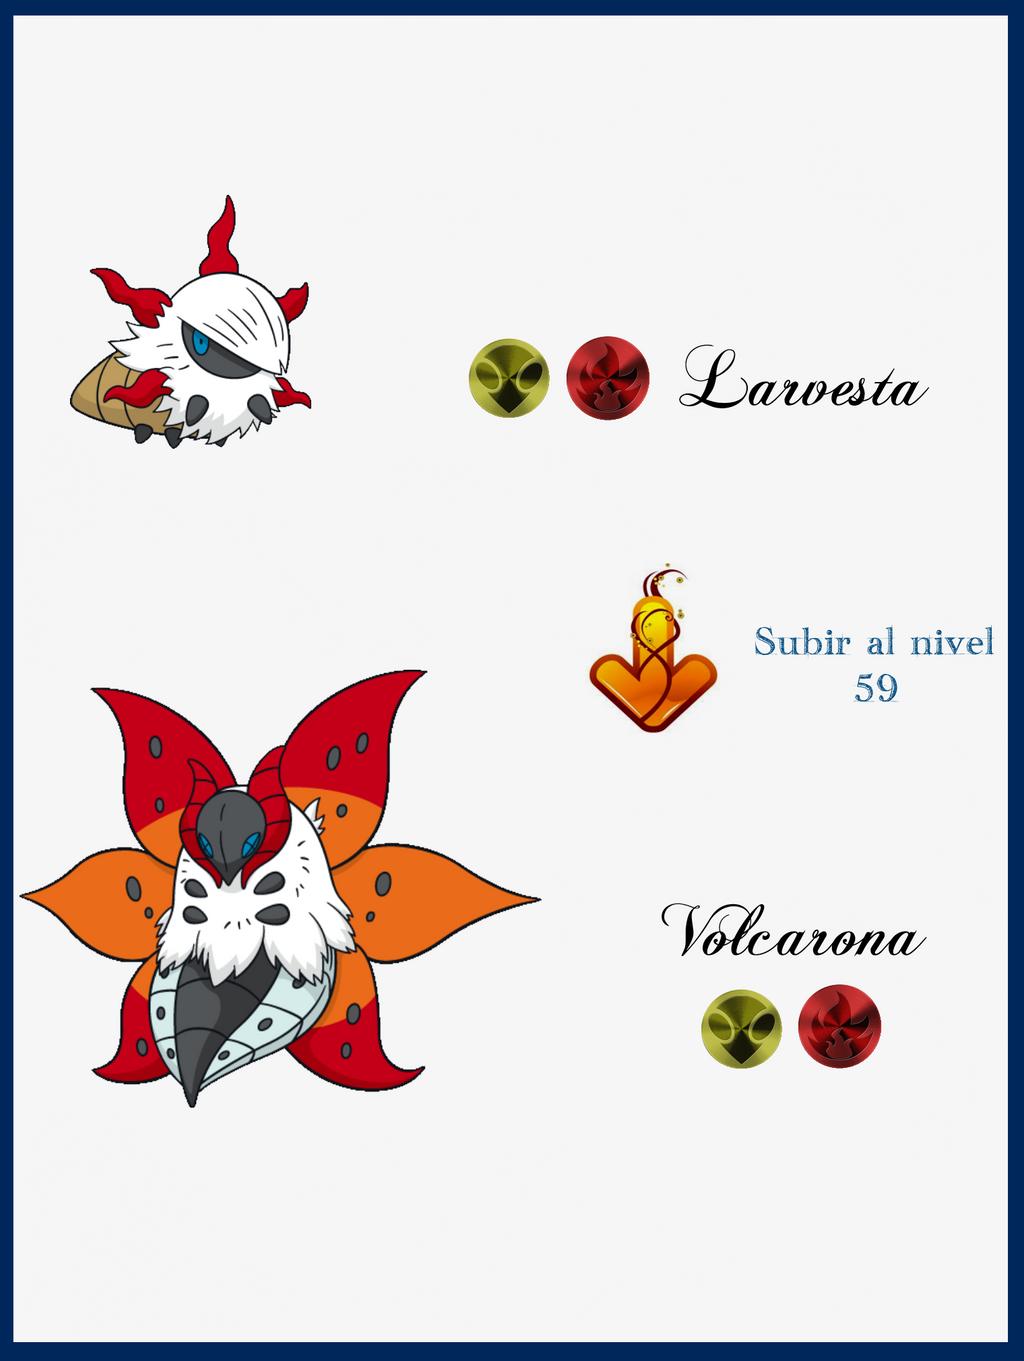 Pokemon Chimchar Evolution Images | Pokemon Images